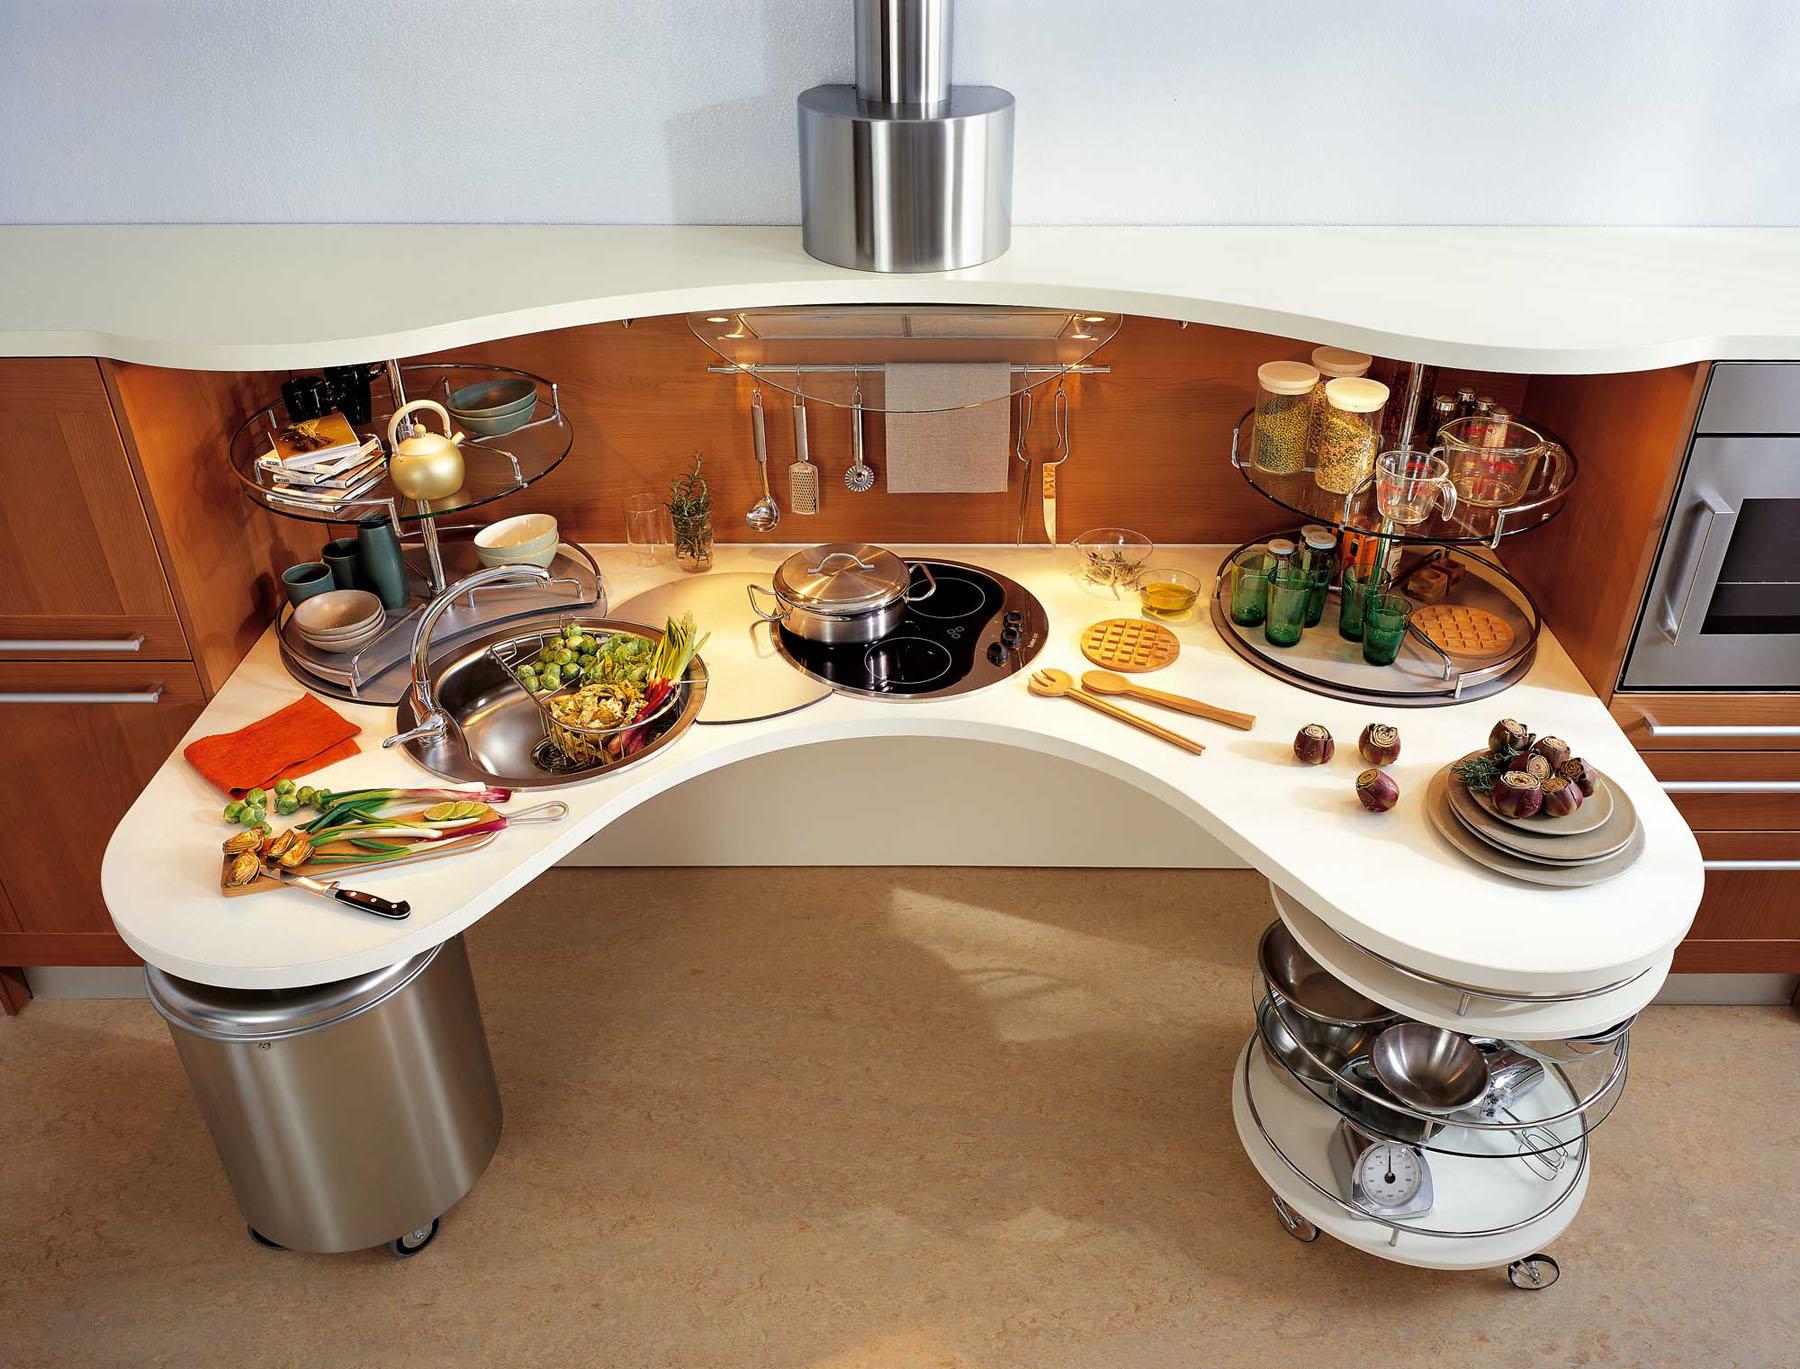 Muebles para cocina pequeña (47 fotos): cocina elegante ...